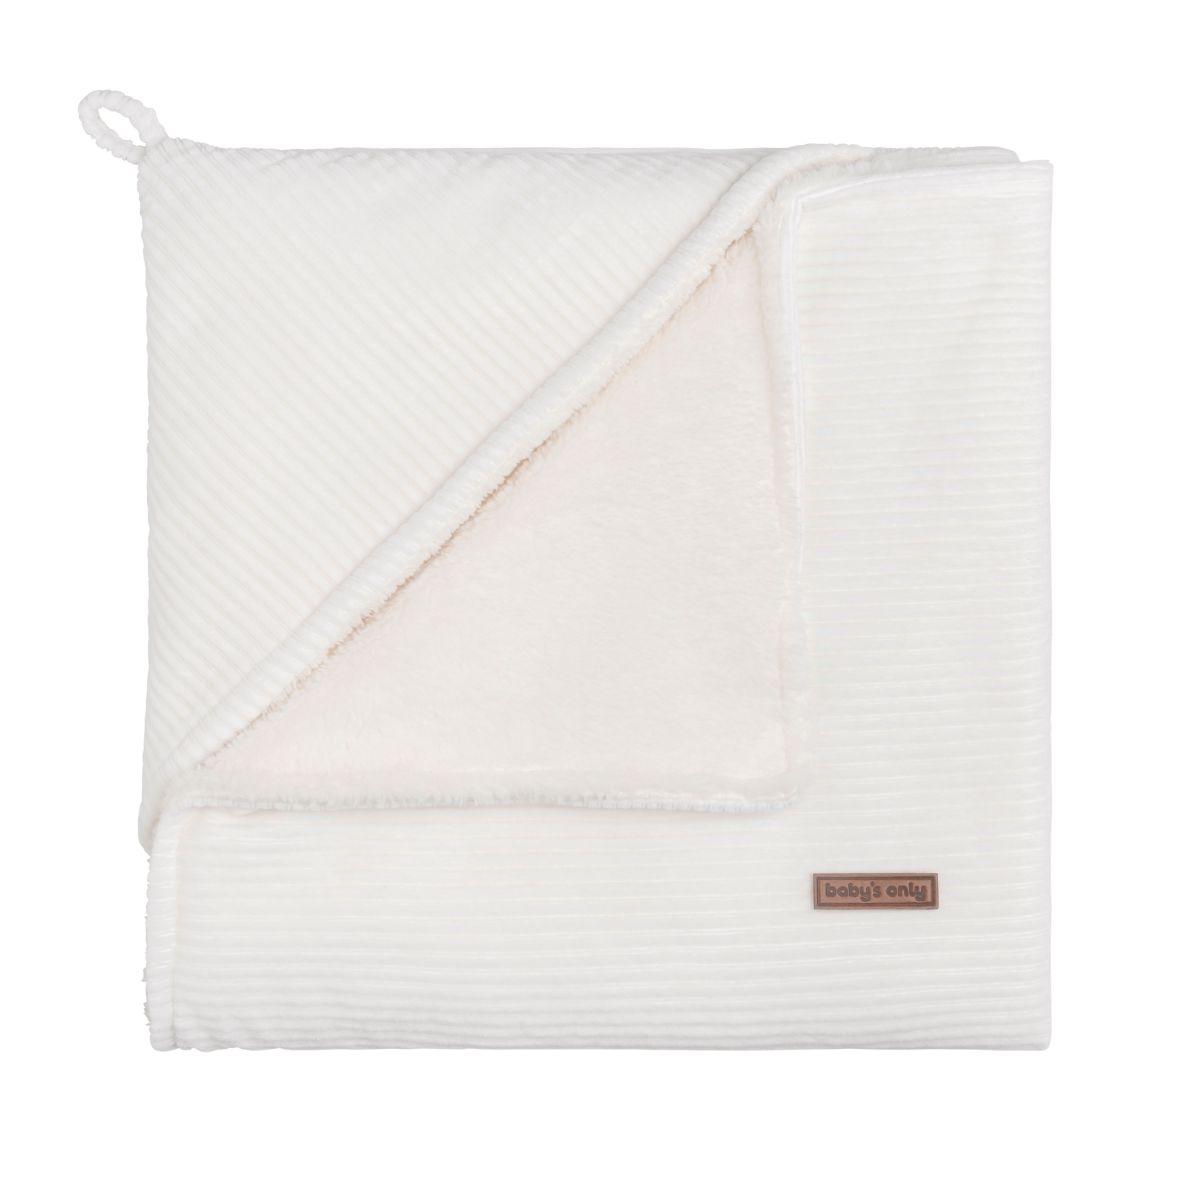 couverture enveloppante sense blanc